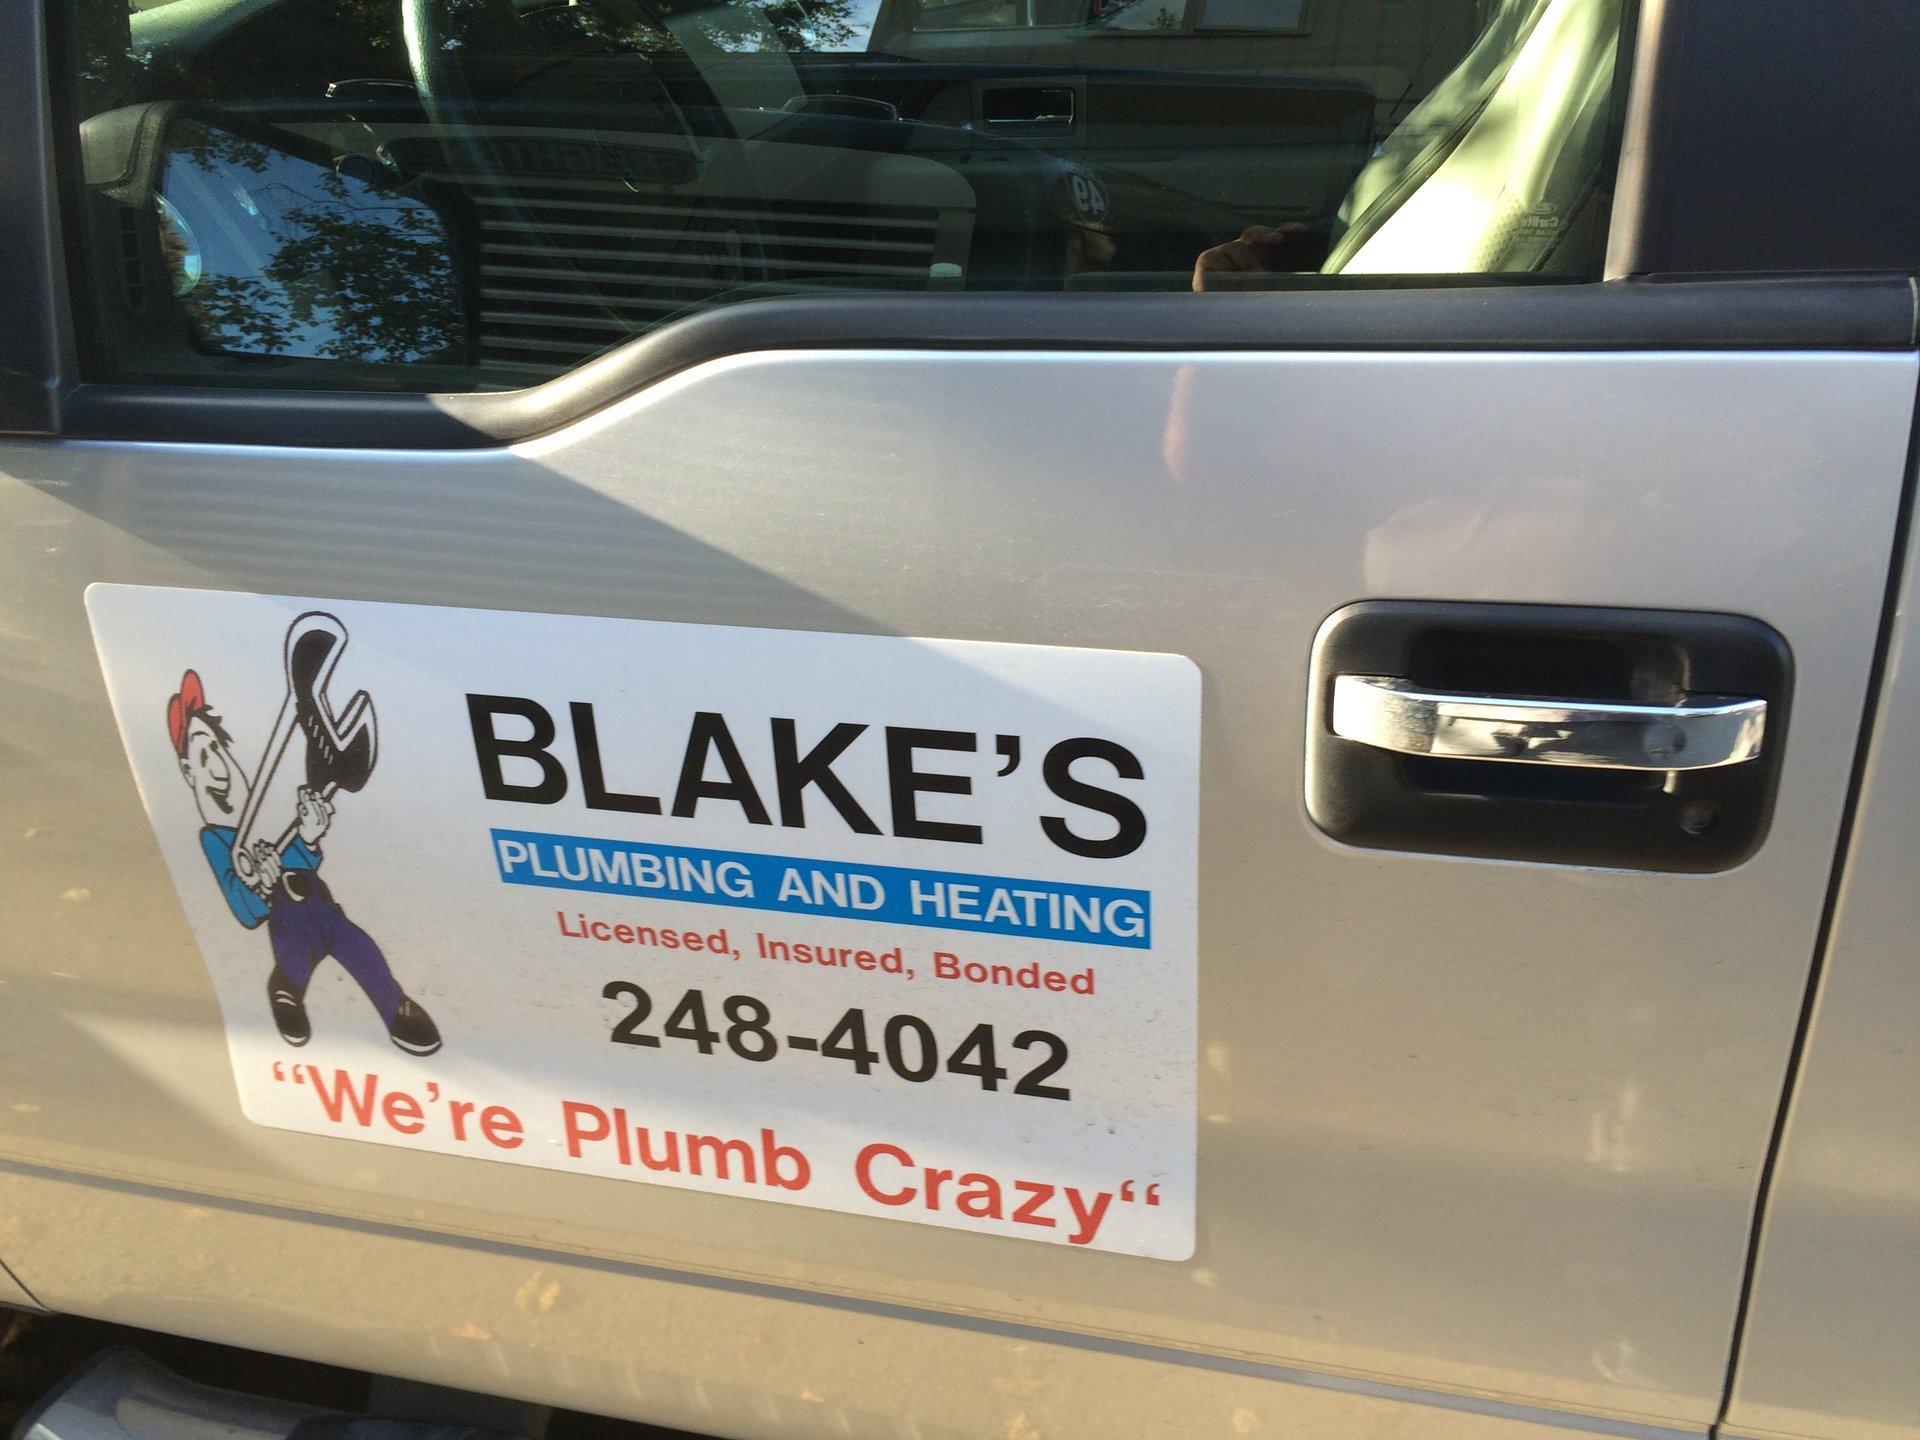 Blake's Plumbing & Heating